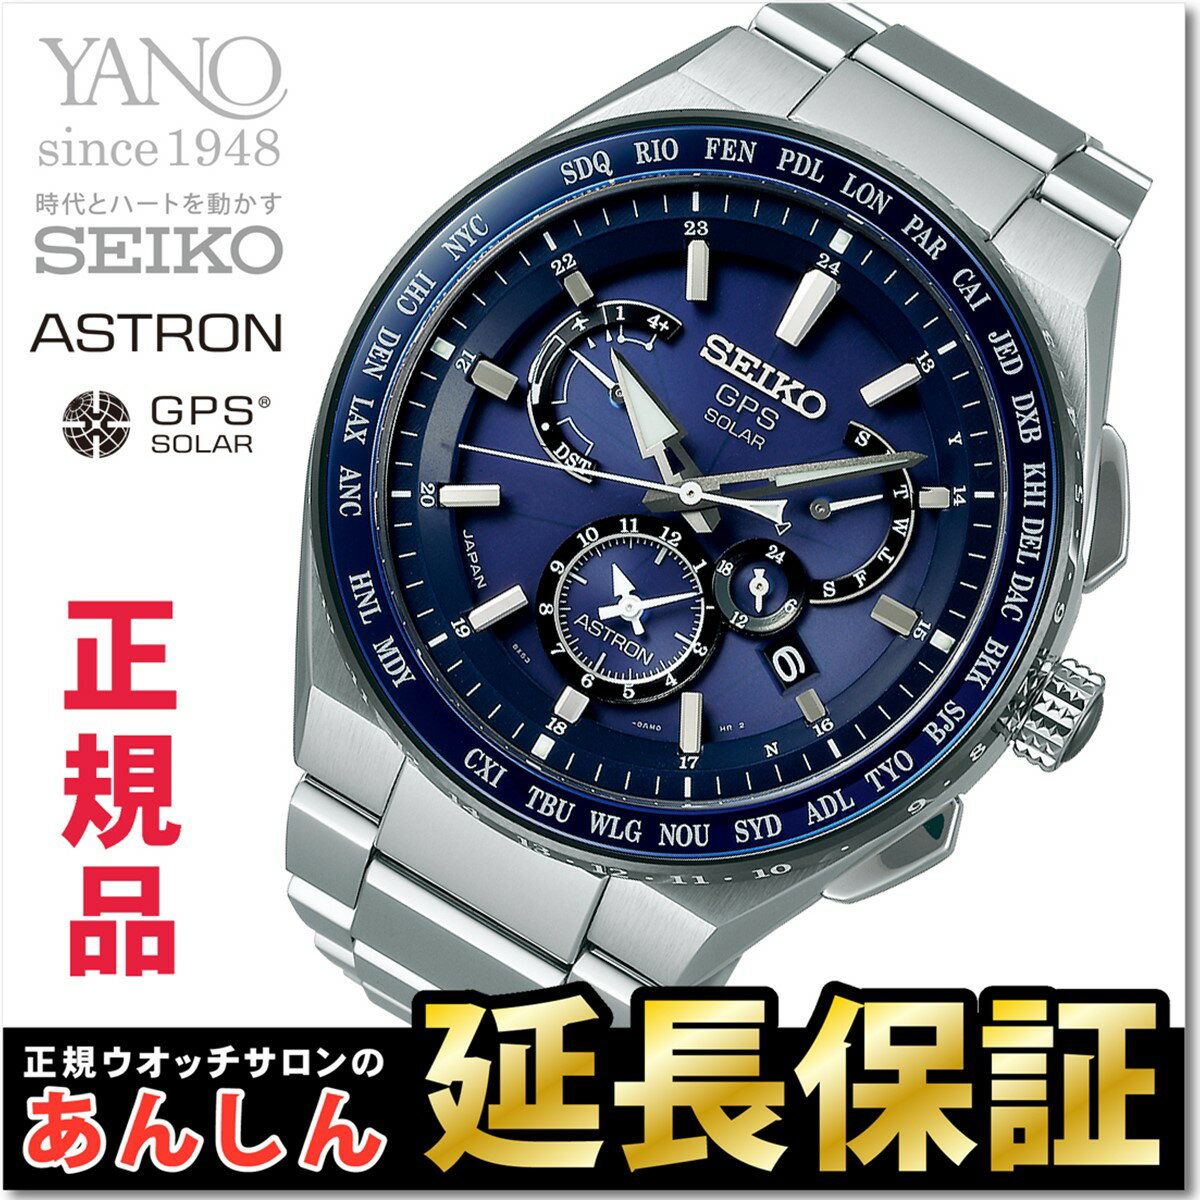 【当店だけのSEIKOノベルティ付き!】SEIKO ASTRON セイコー アストロン SBXB155 エグゼクティブライン GPSソーラー 衛星電波時計 メンズ 腕時計 【1117】_10spl